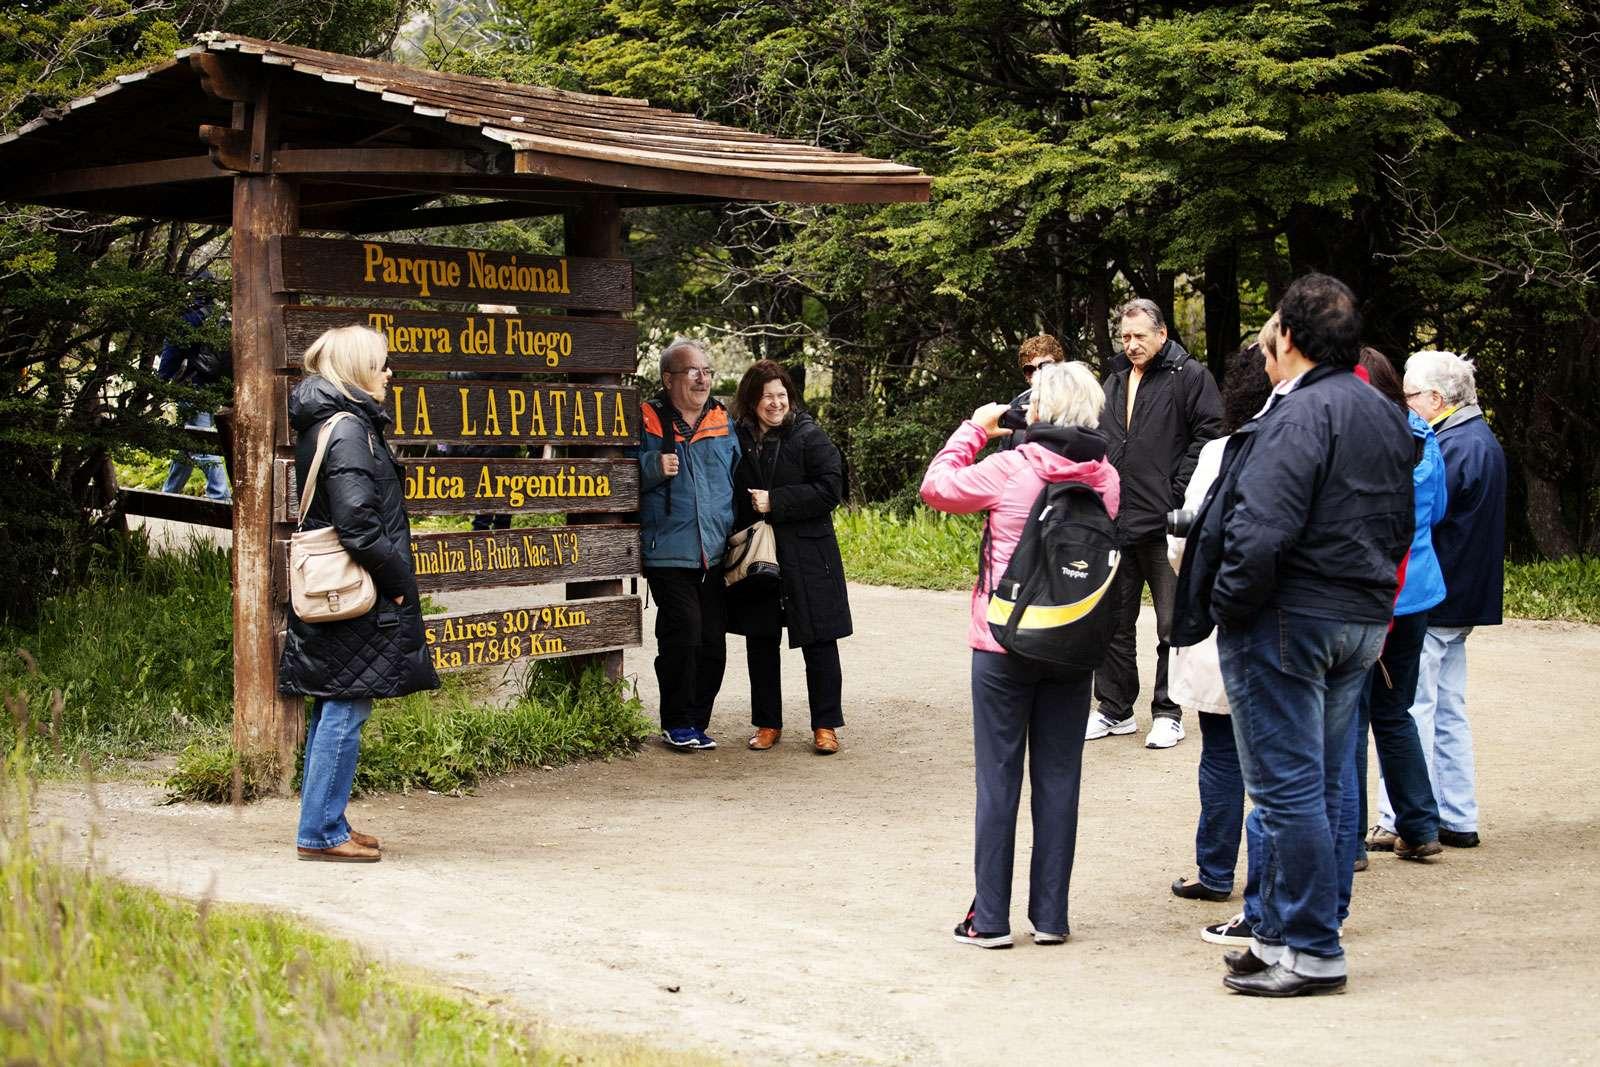 Parque-Nacional-Tierra-del-Fuego-16